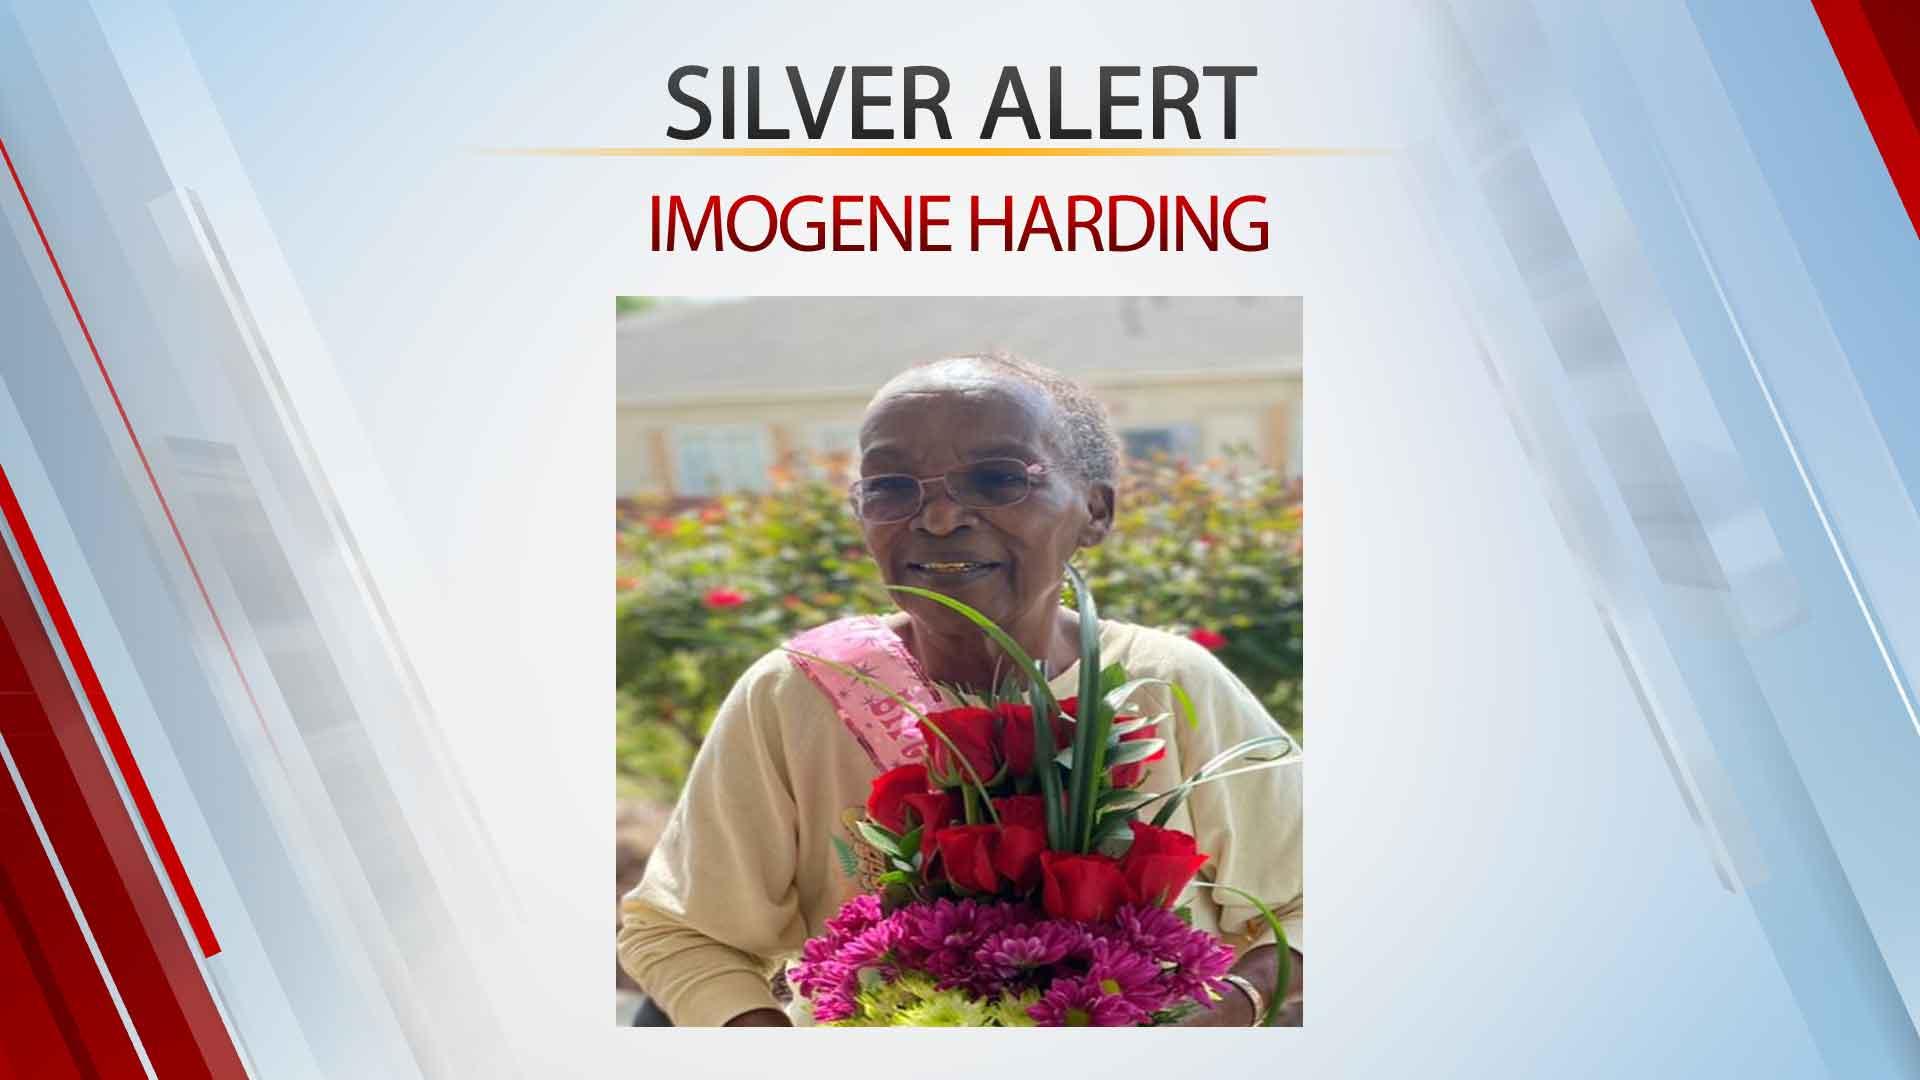 Imogene Harding (Silver Alert)